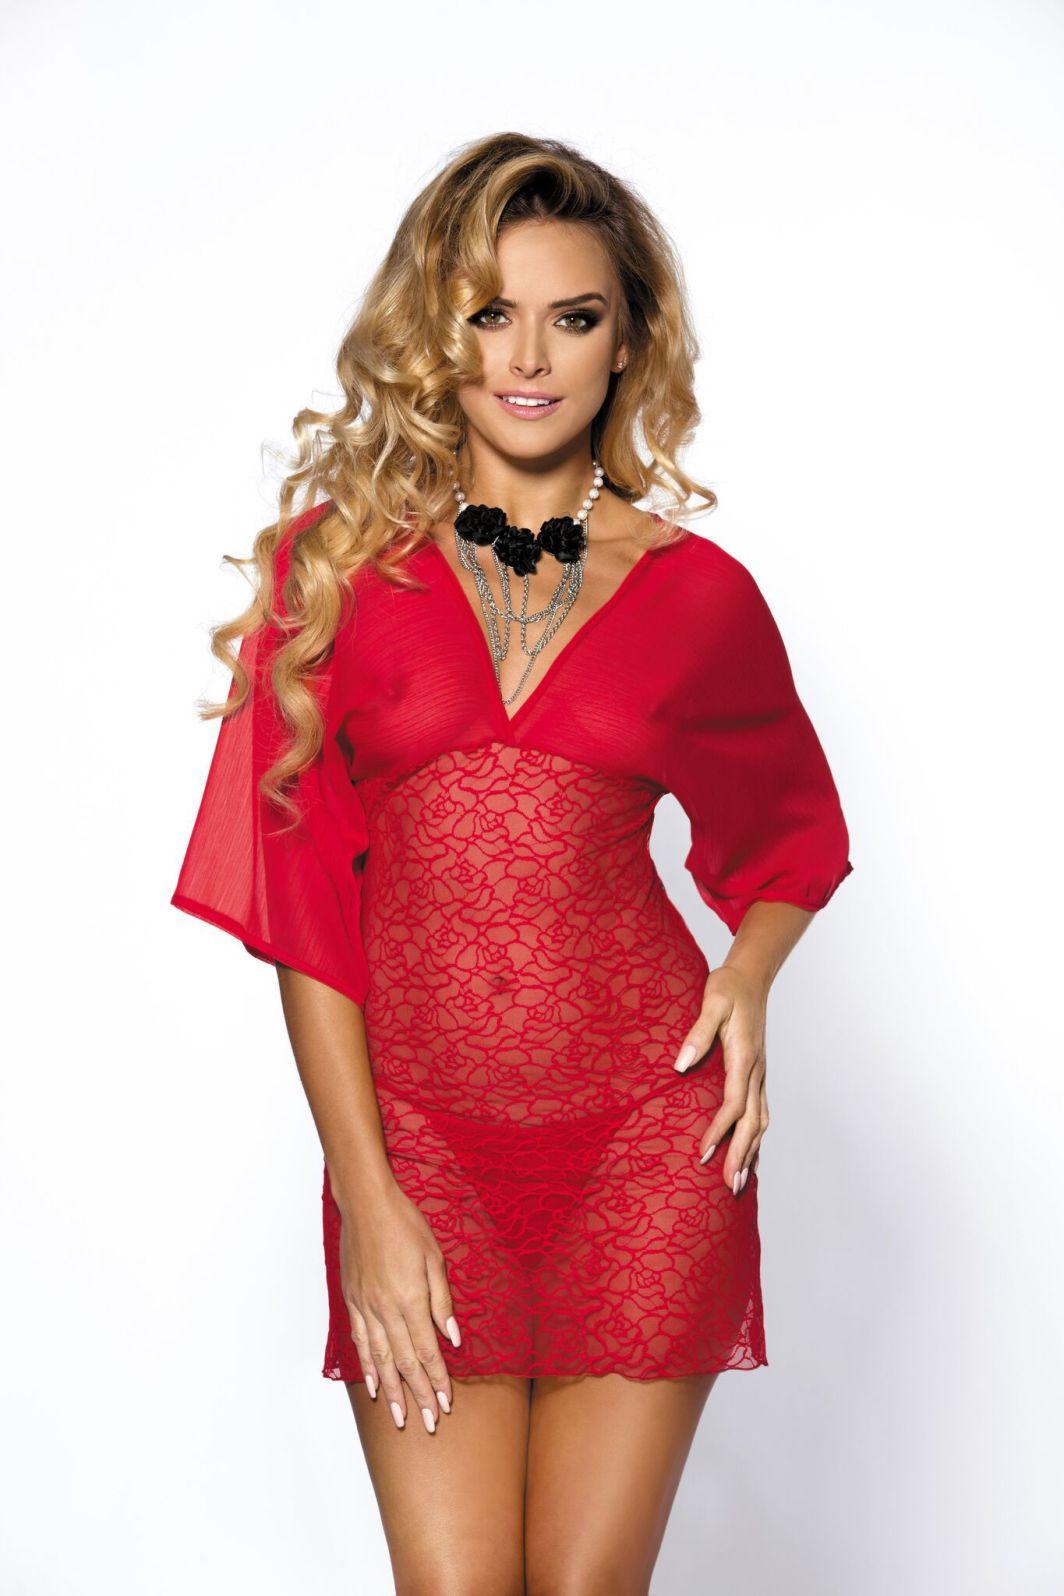 Anais Koszulka Lorna + stringi Czerwona r. XL 1